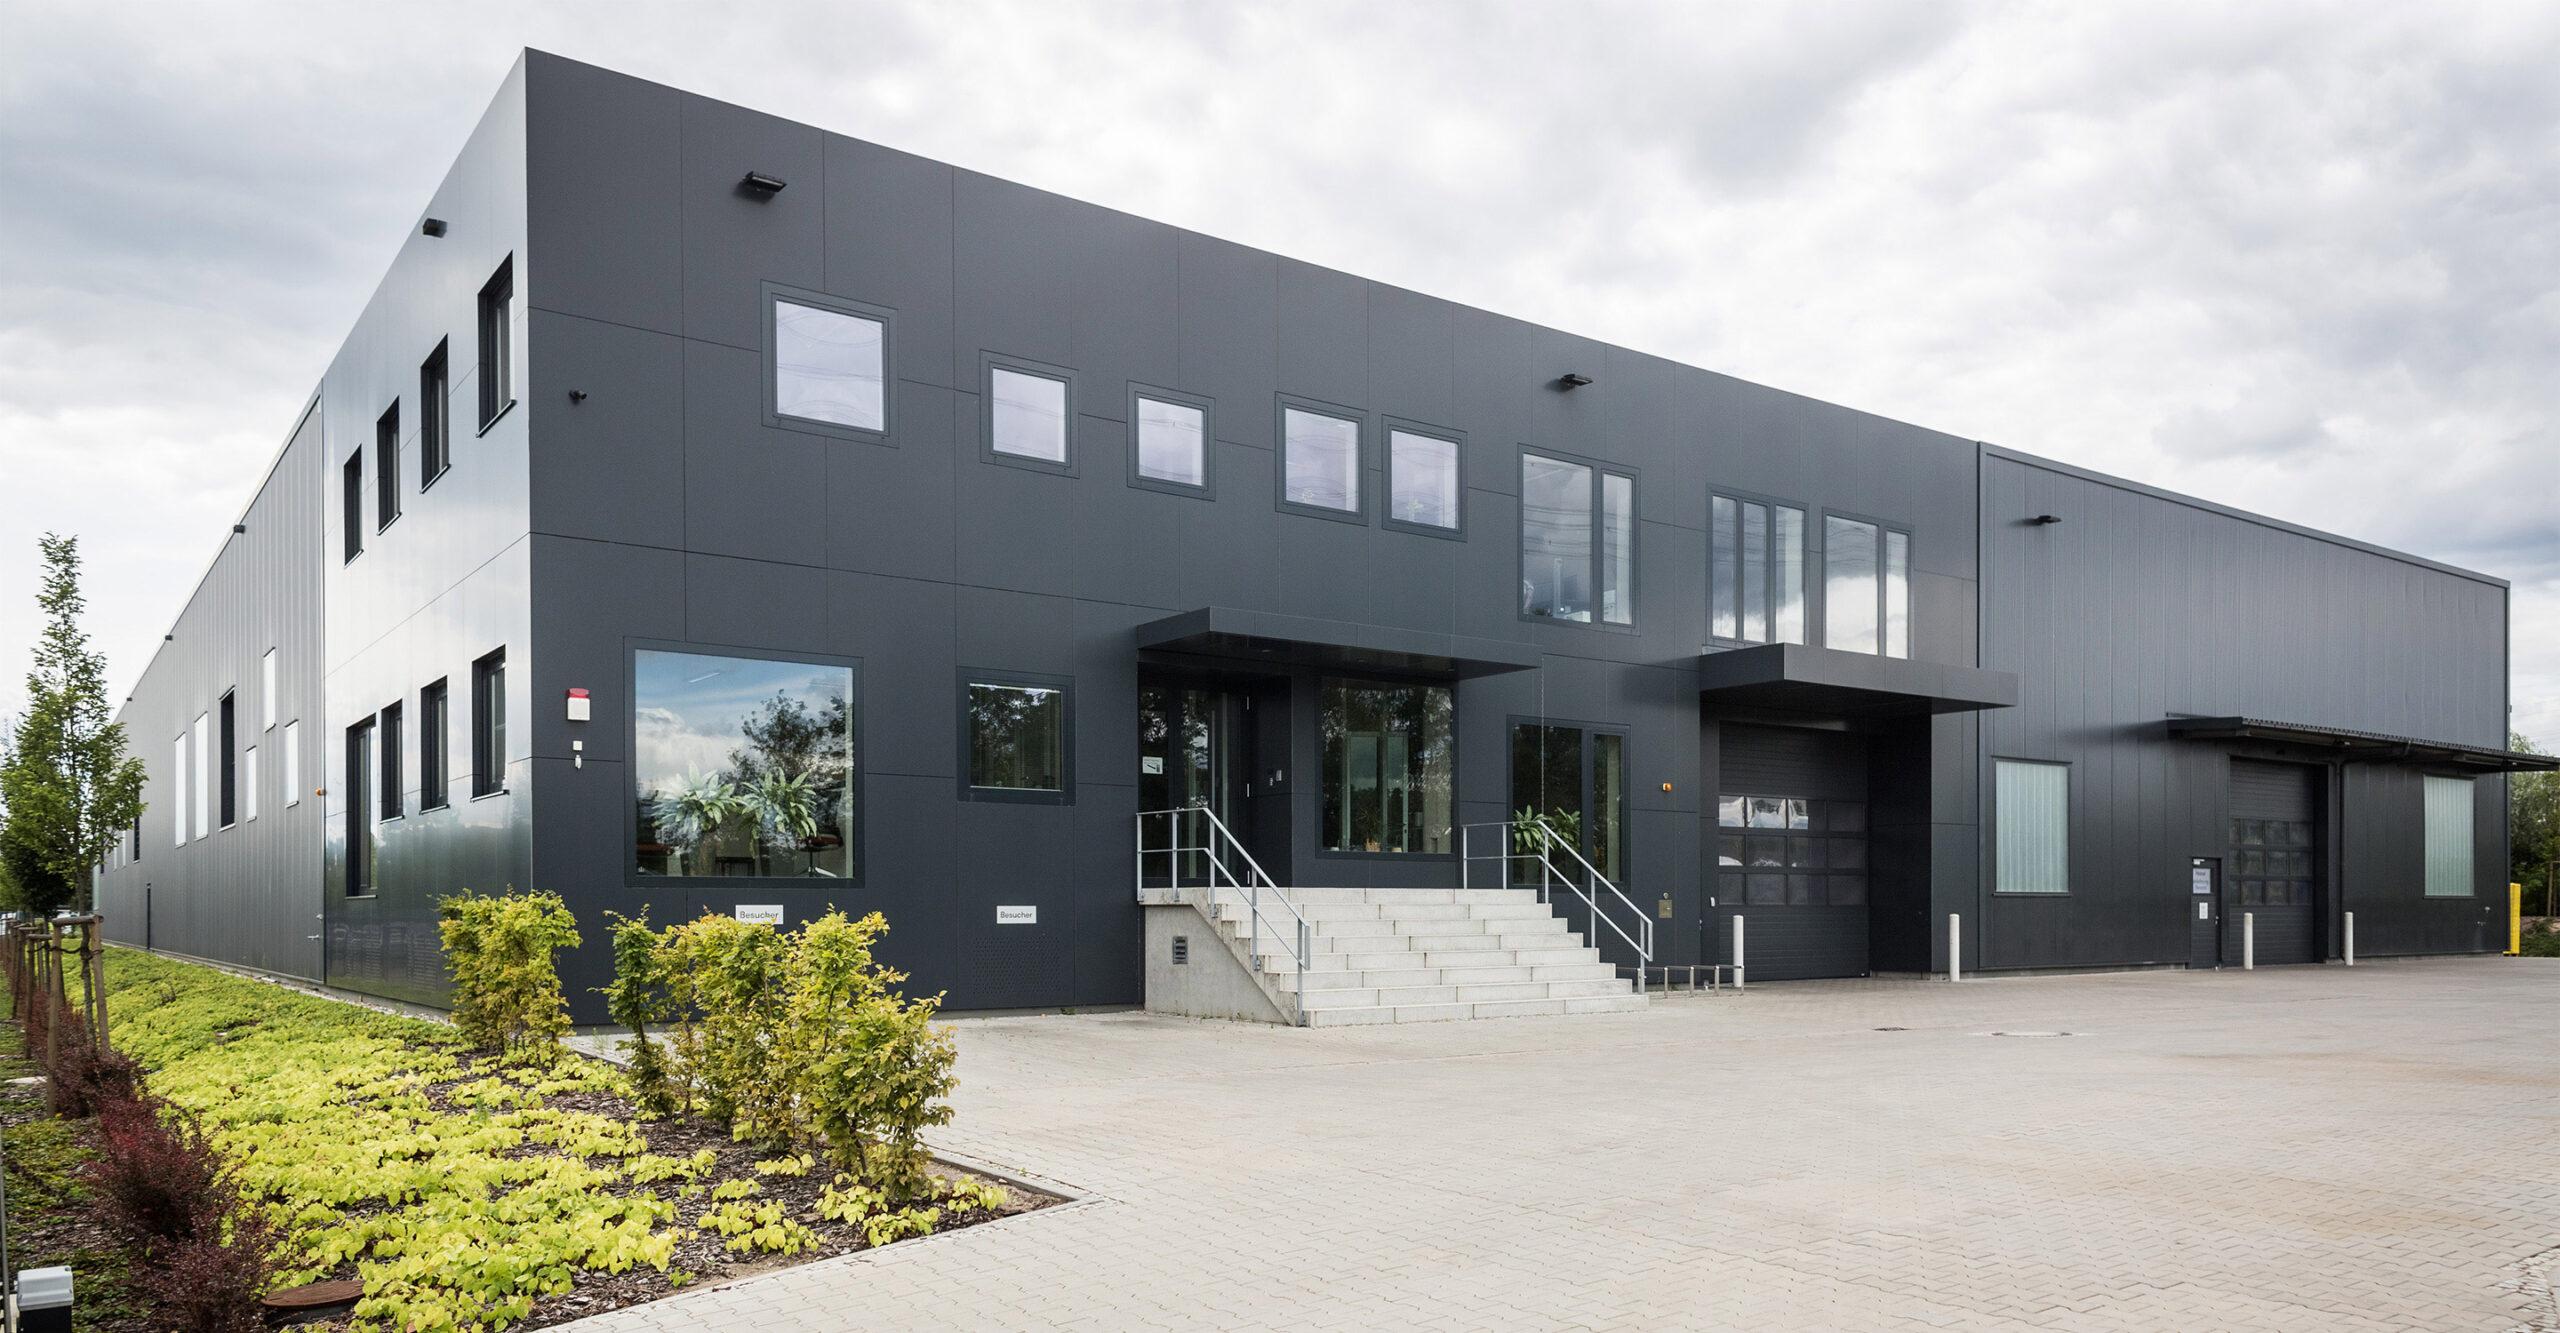 LKM: Spezialisten für die Kunststoff- und Metallverarbeitungs